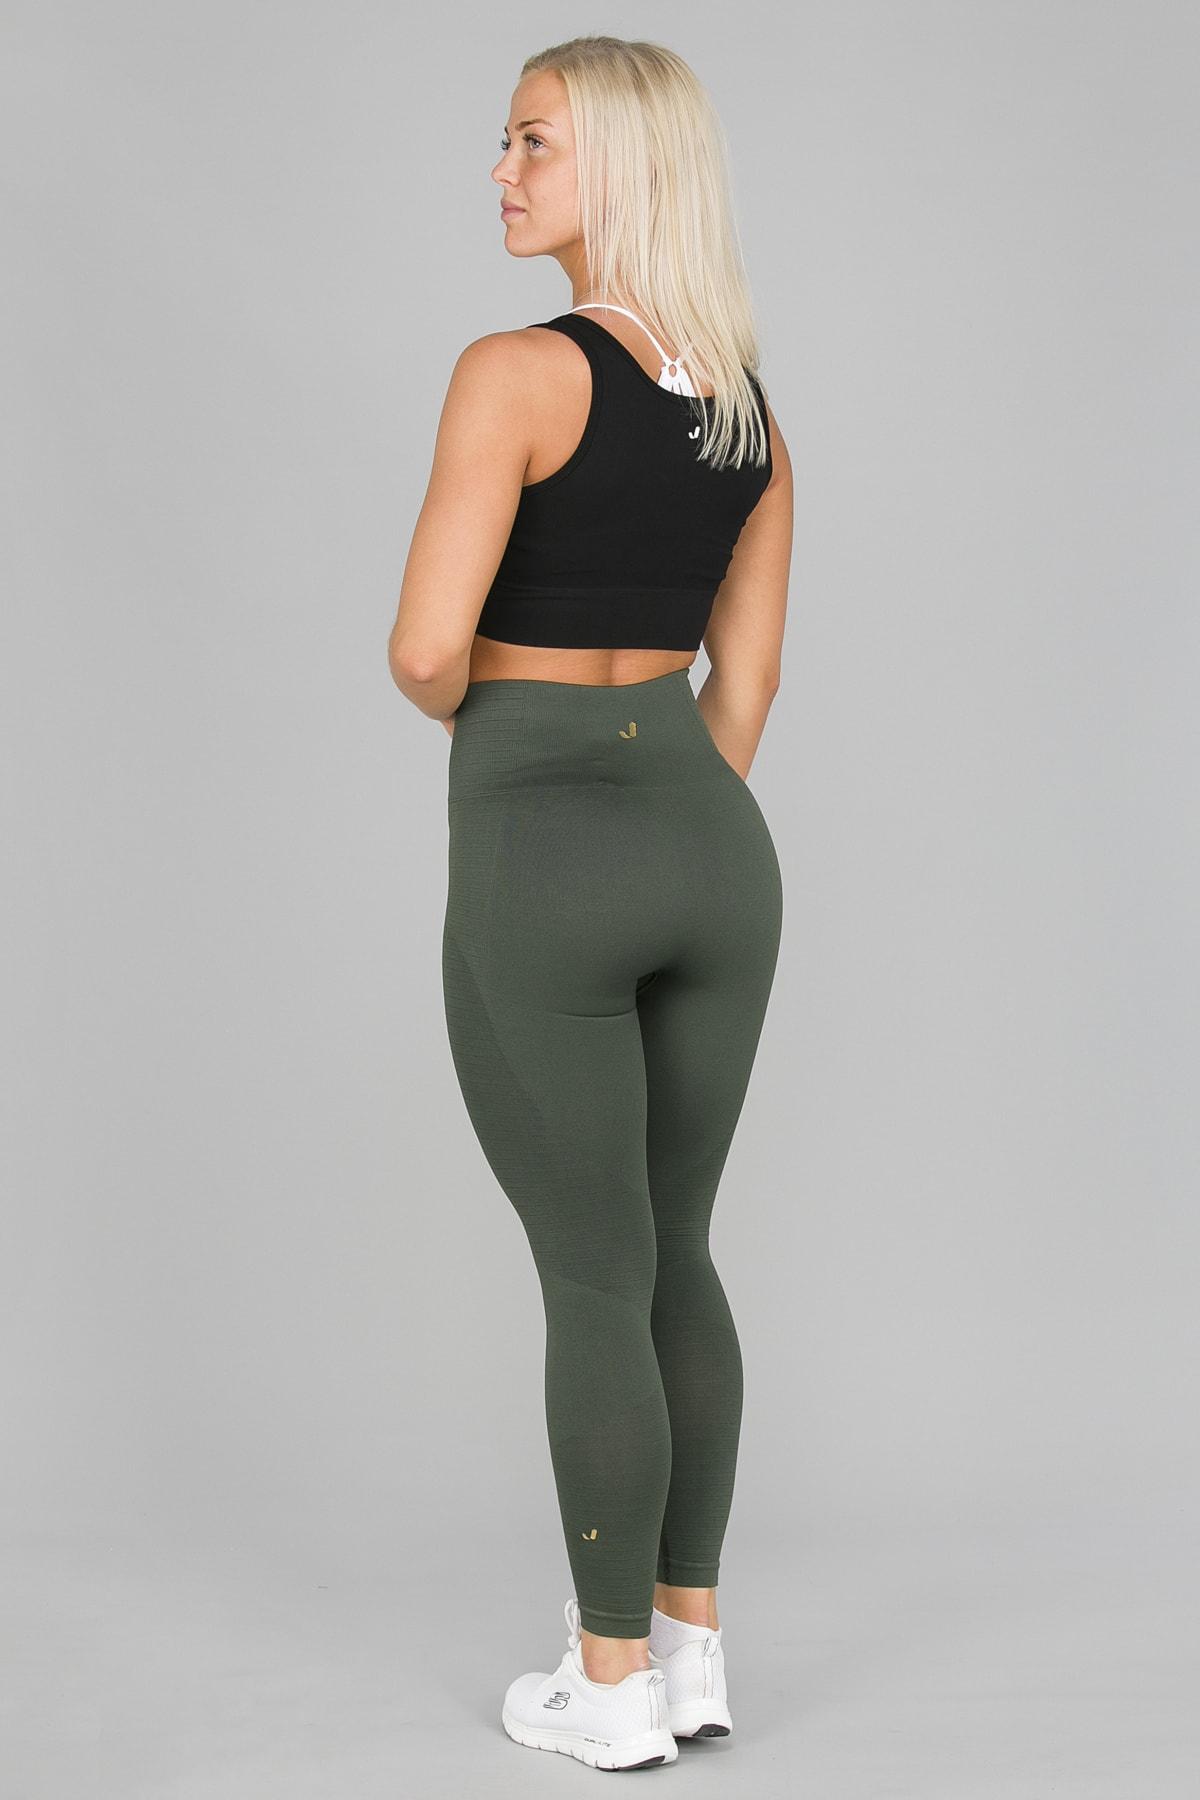 Jerf Gela 2.0 tights dark green7